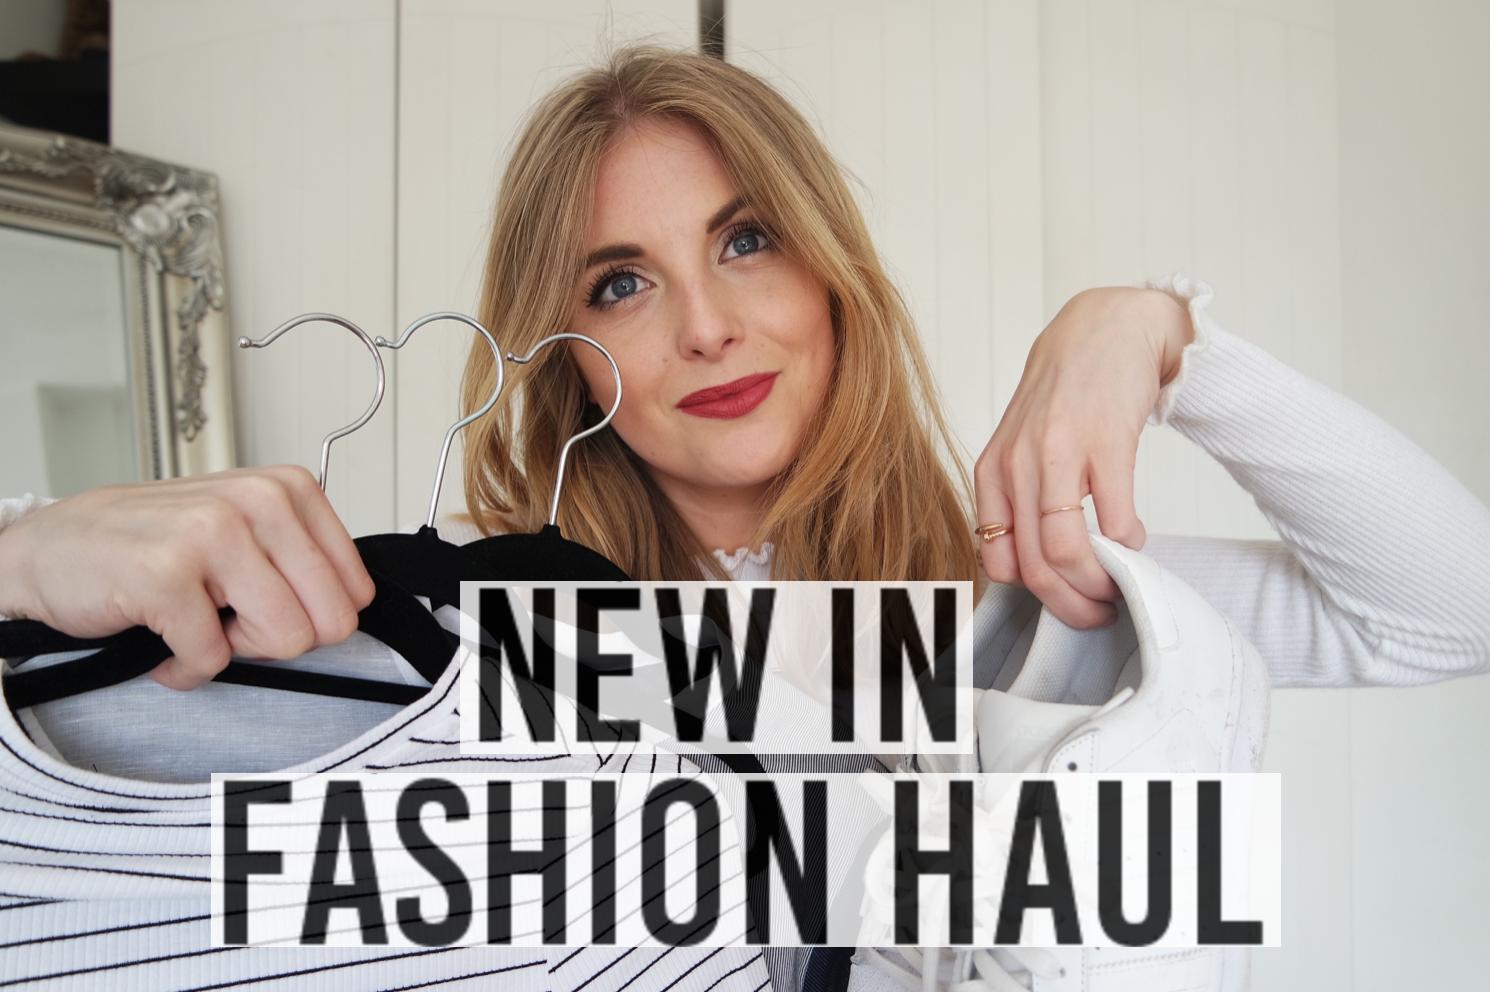 Spring Fashion Haul